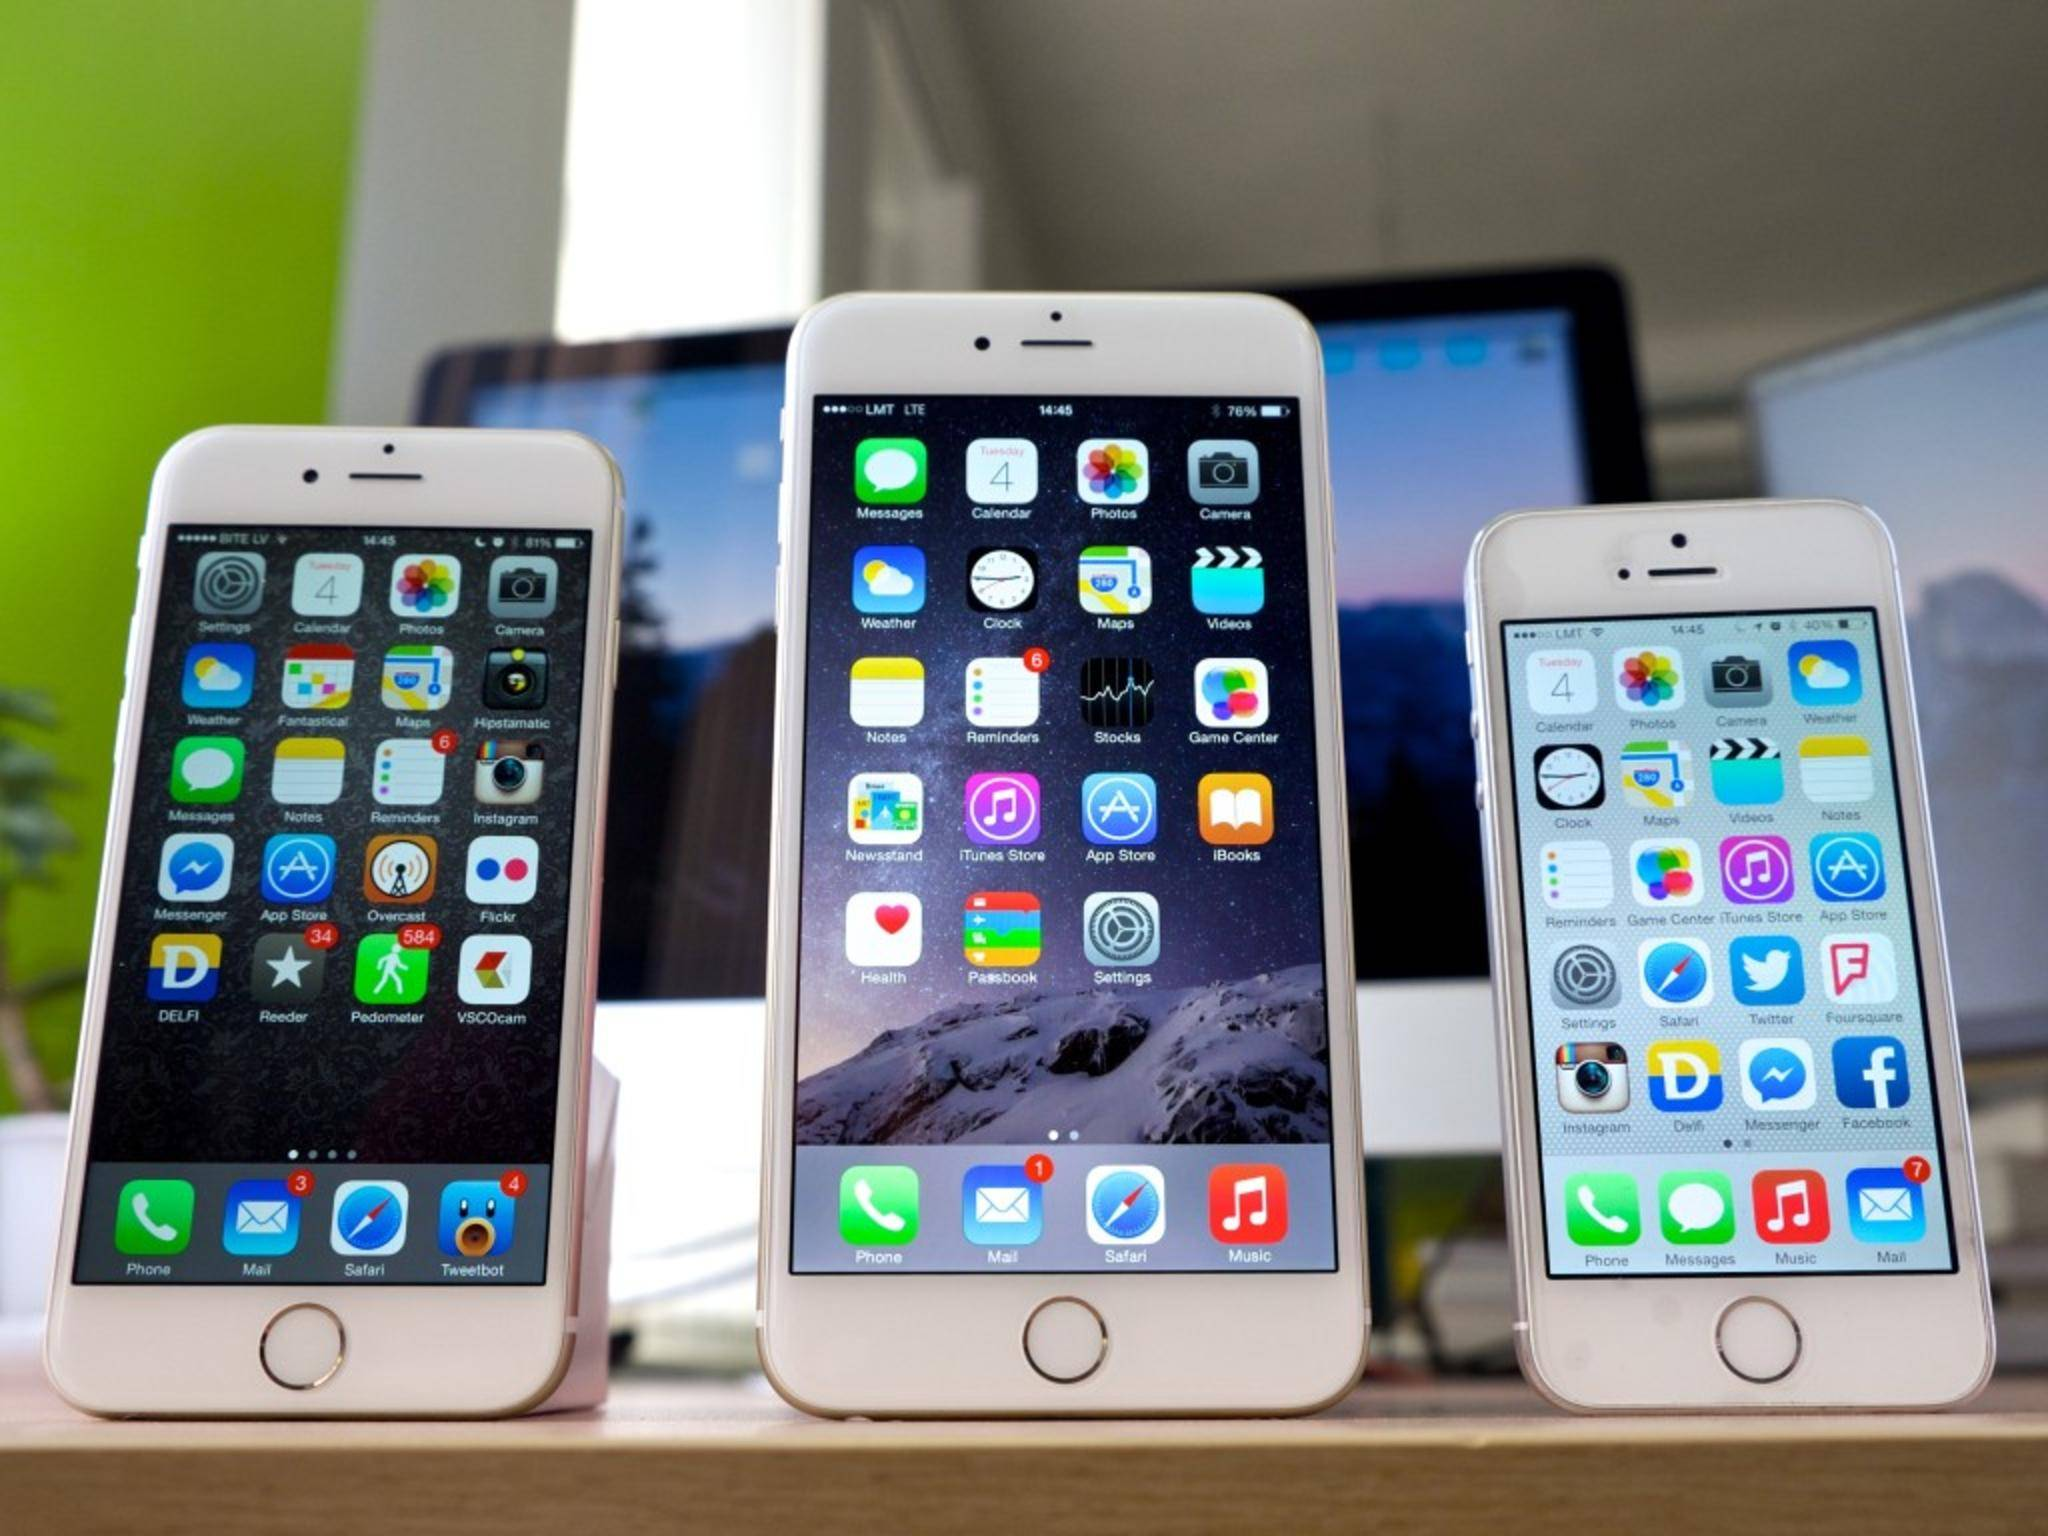 Analysten rechnen mit 70 Millionen verkauften iPhones im vierten Quartal 2014.